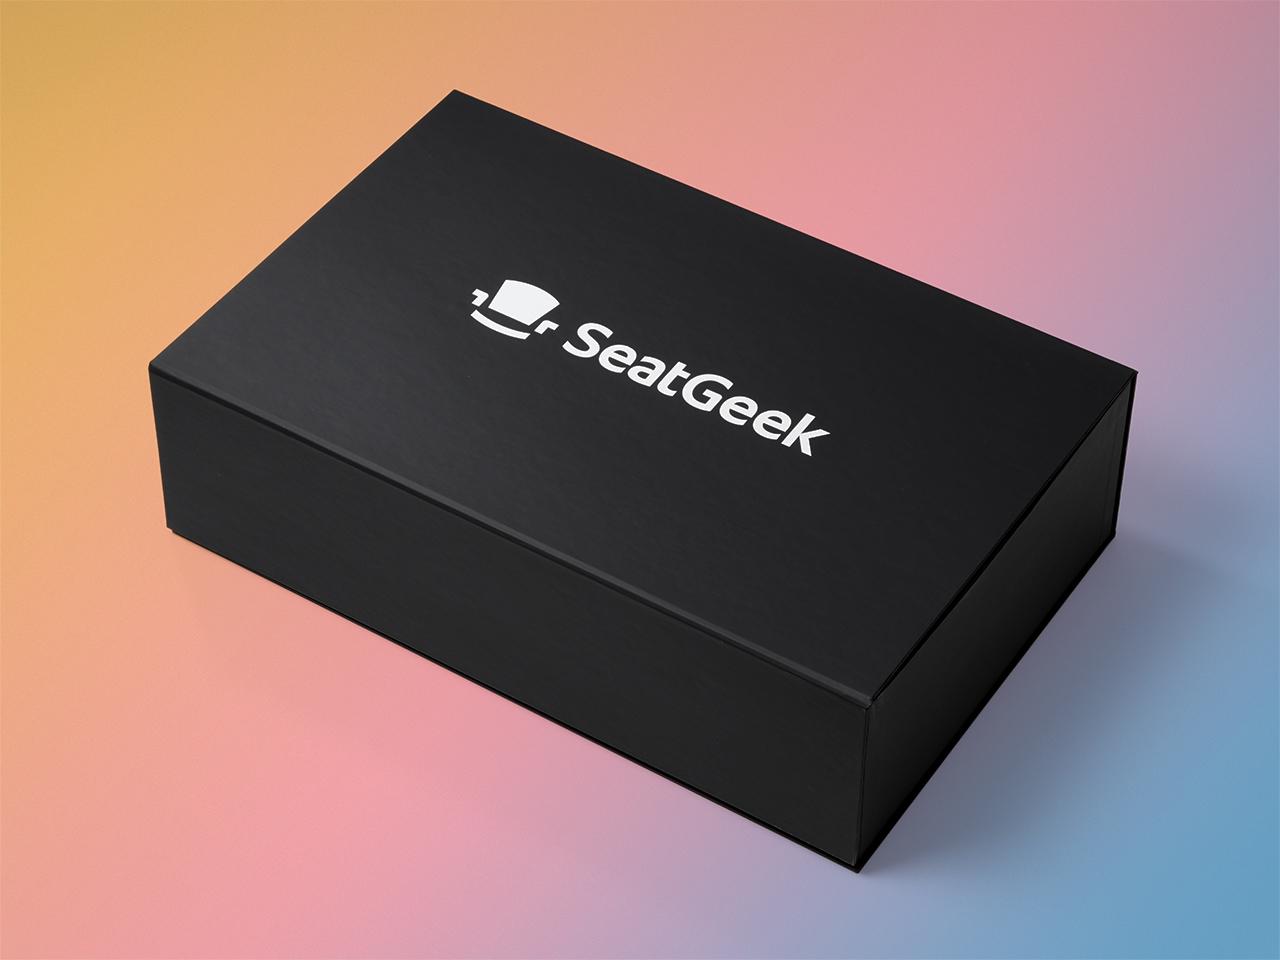 SeatGeek_04-05-18_12533.jpg